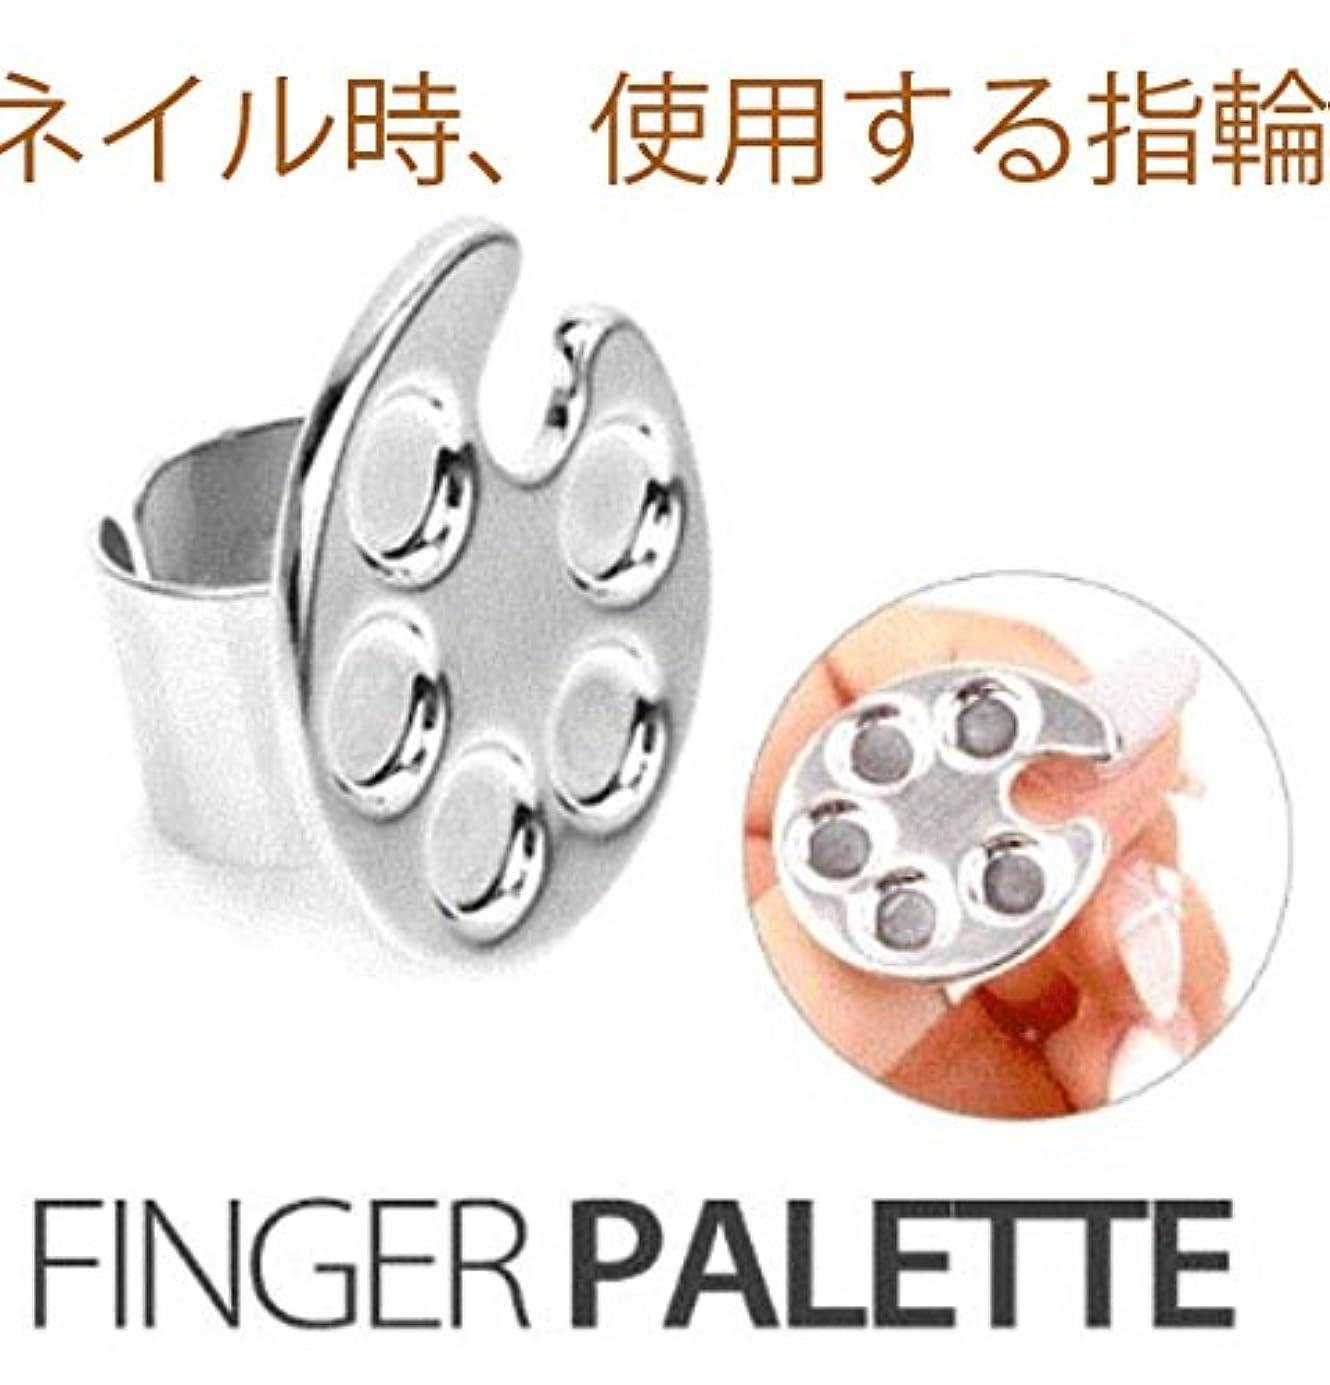 前投薬酸化物骨ネイルアートが楽になる、、ネイル時、使用する可愛いパレット指輪